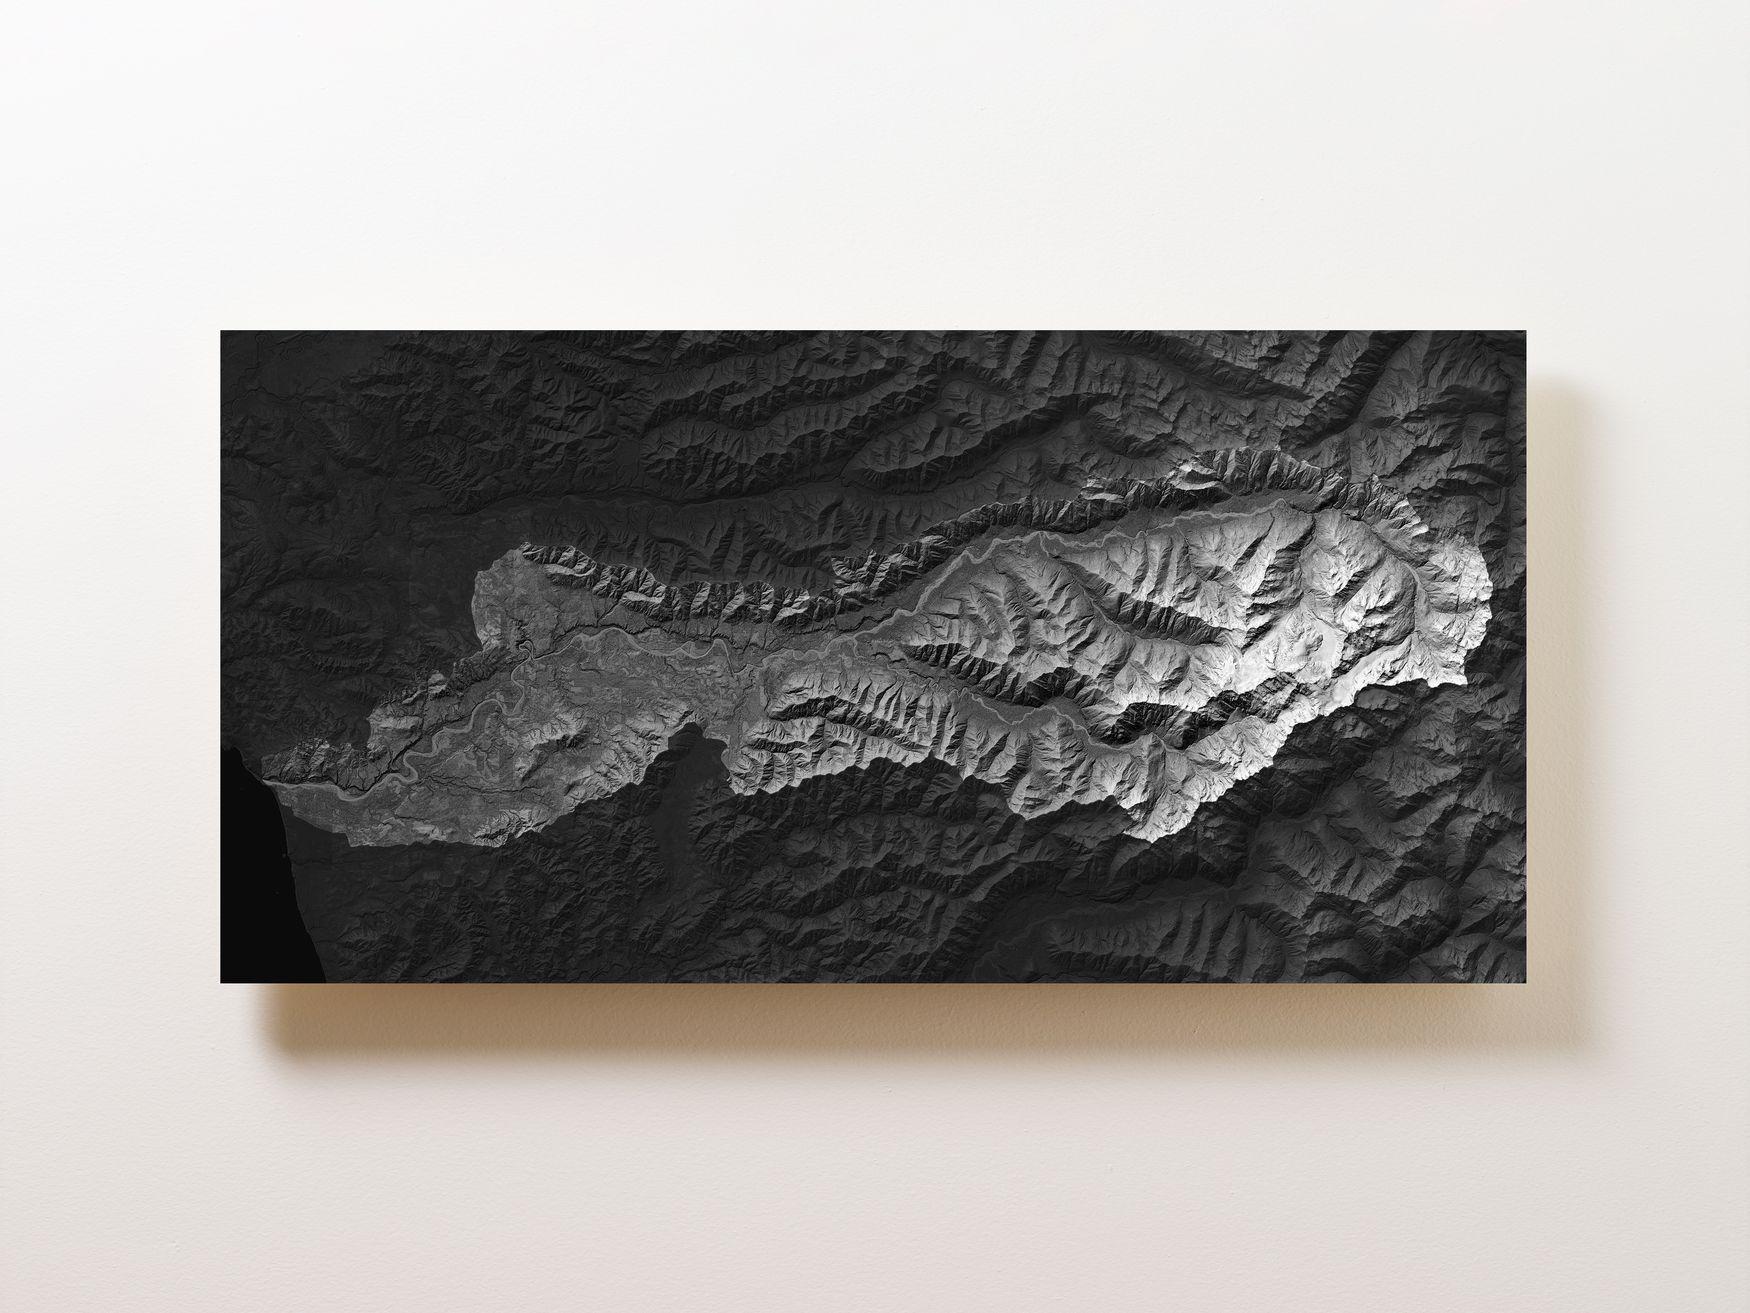 Hoh River Rainforest Wall Map